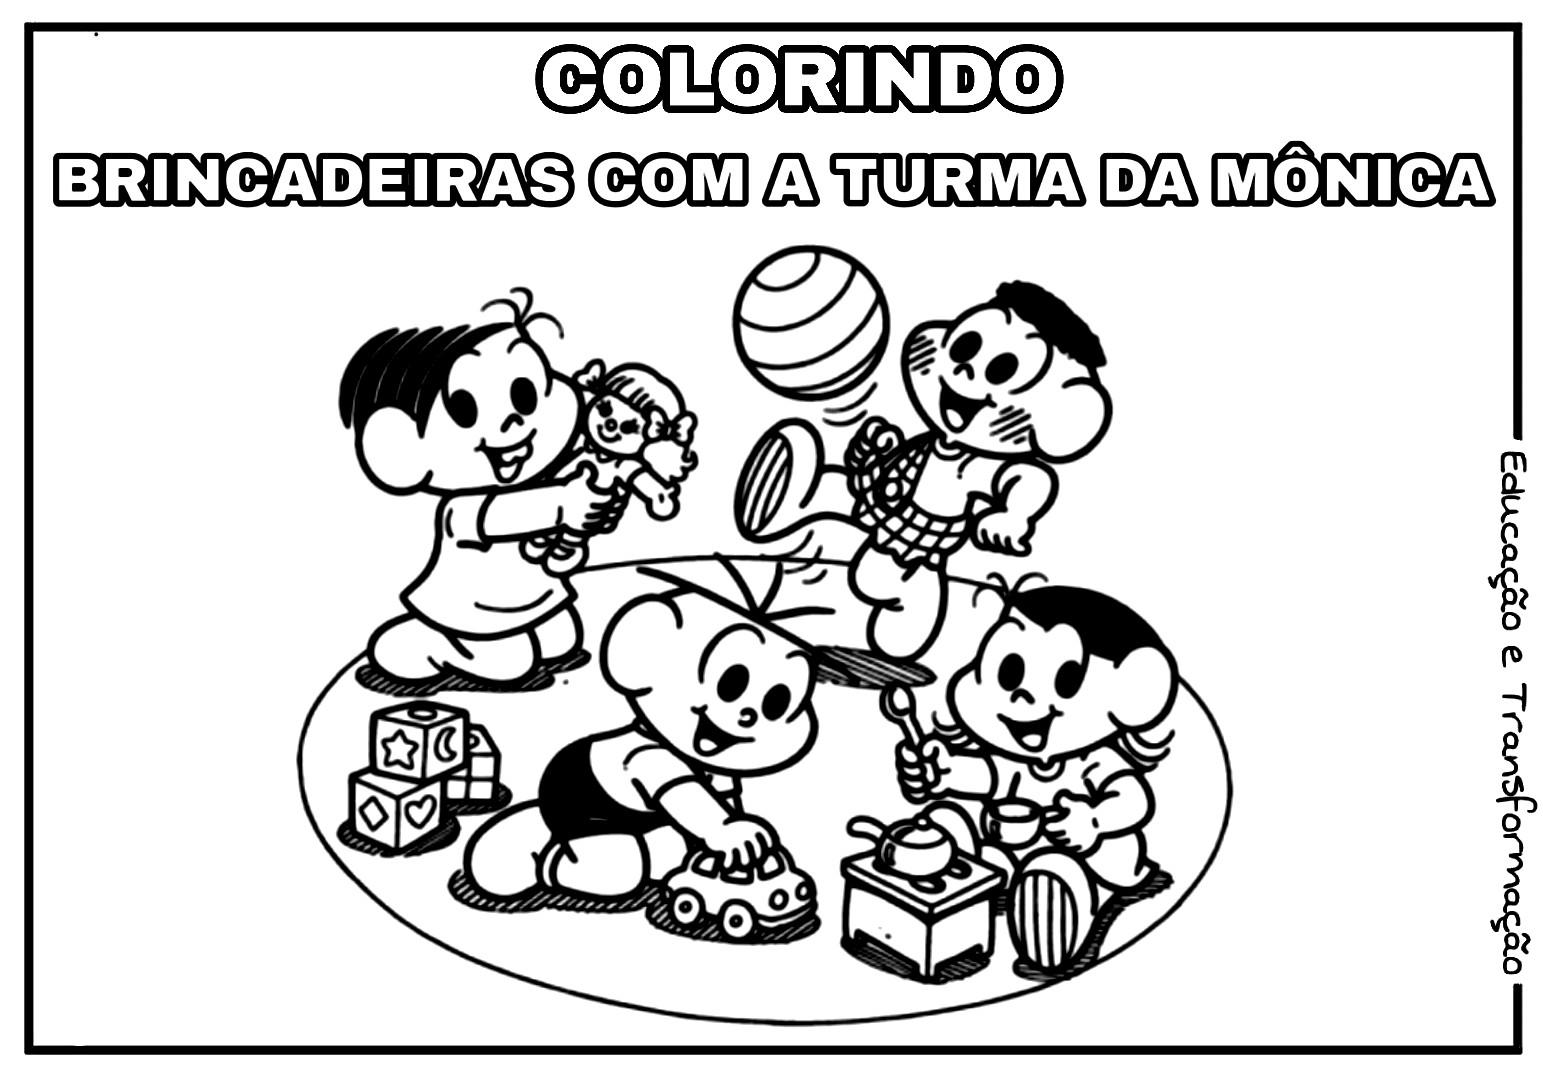 Blog Educacao E Transformacao Colorindo Brincadeiras Com A